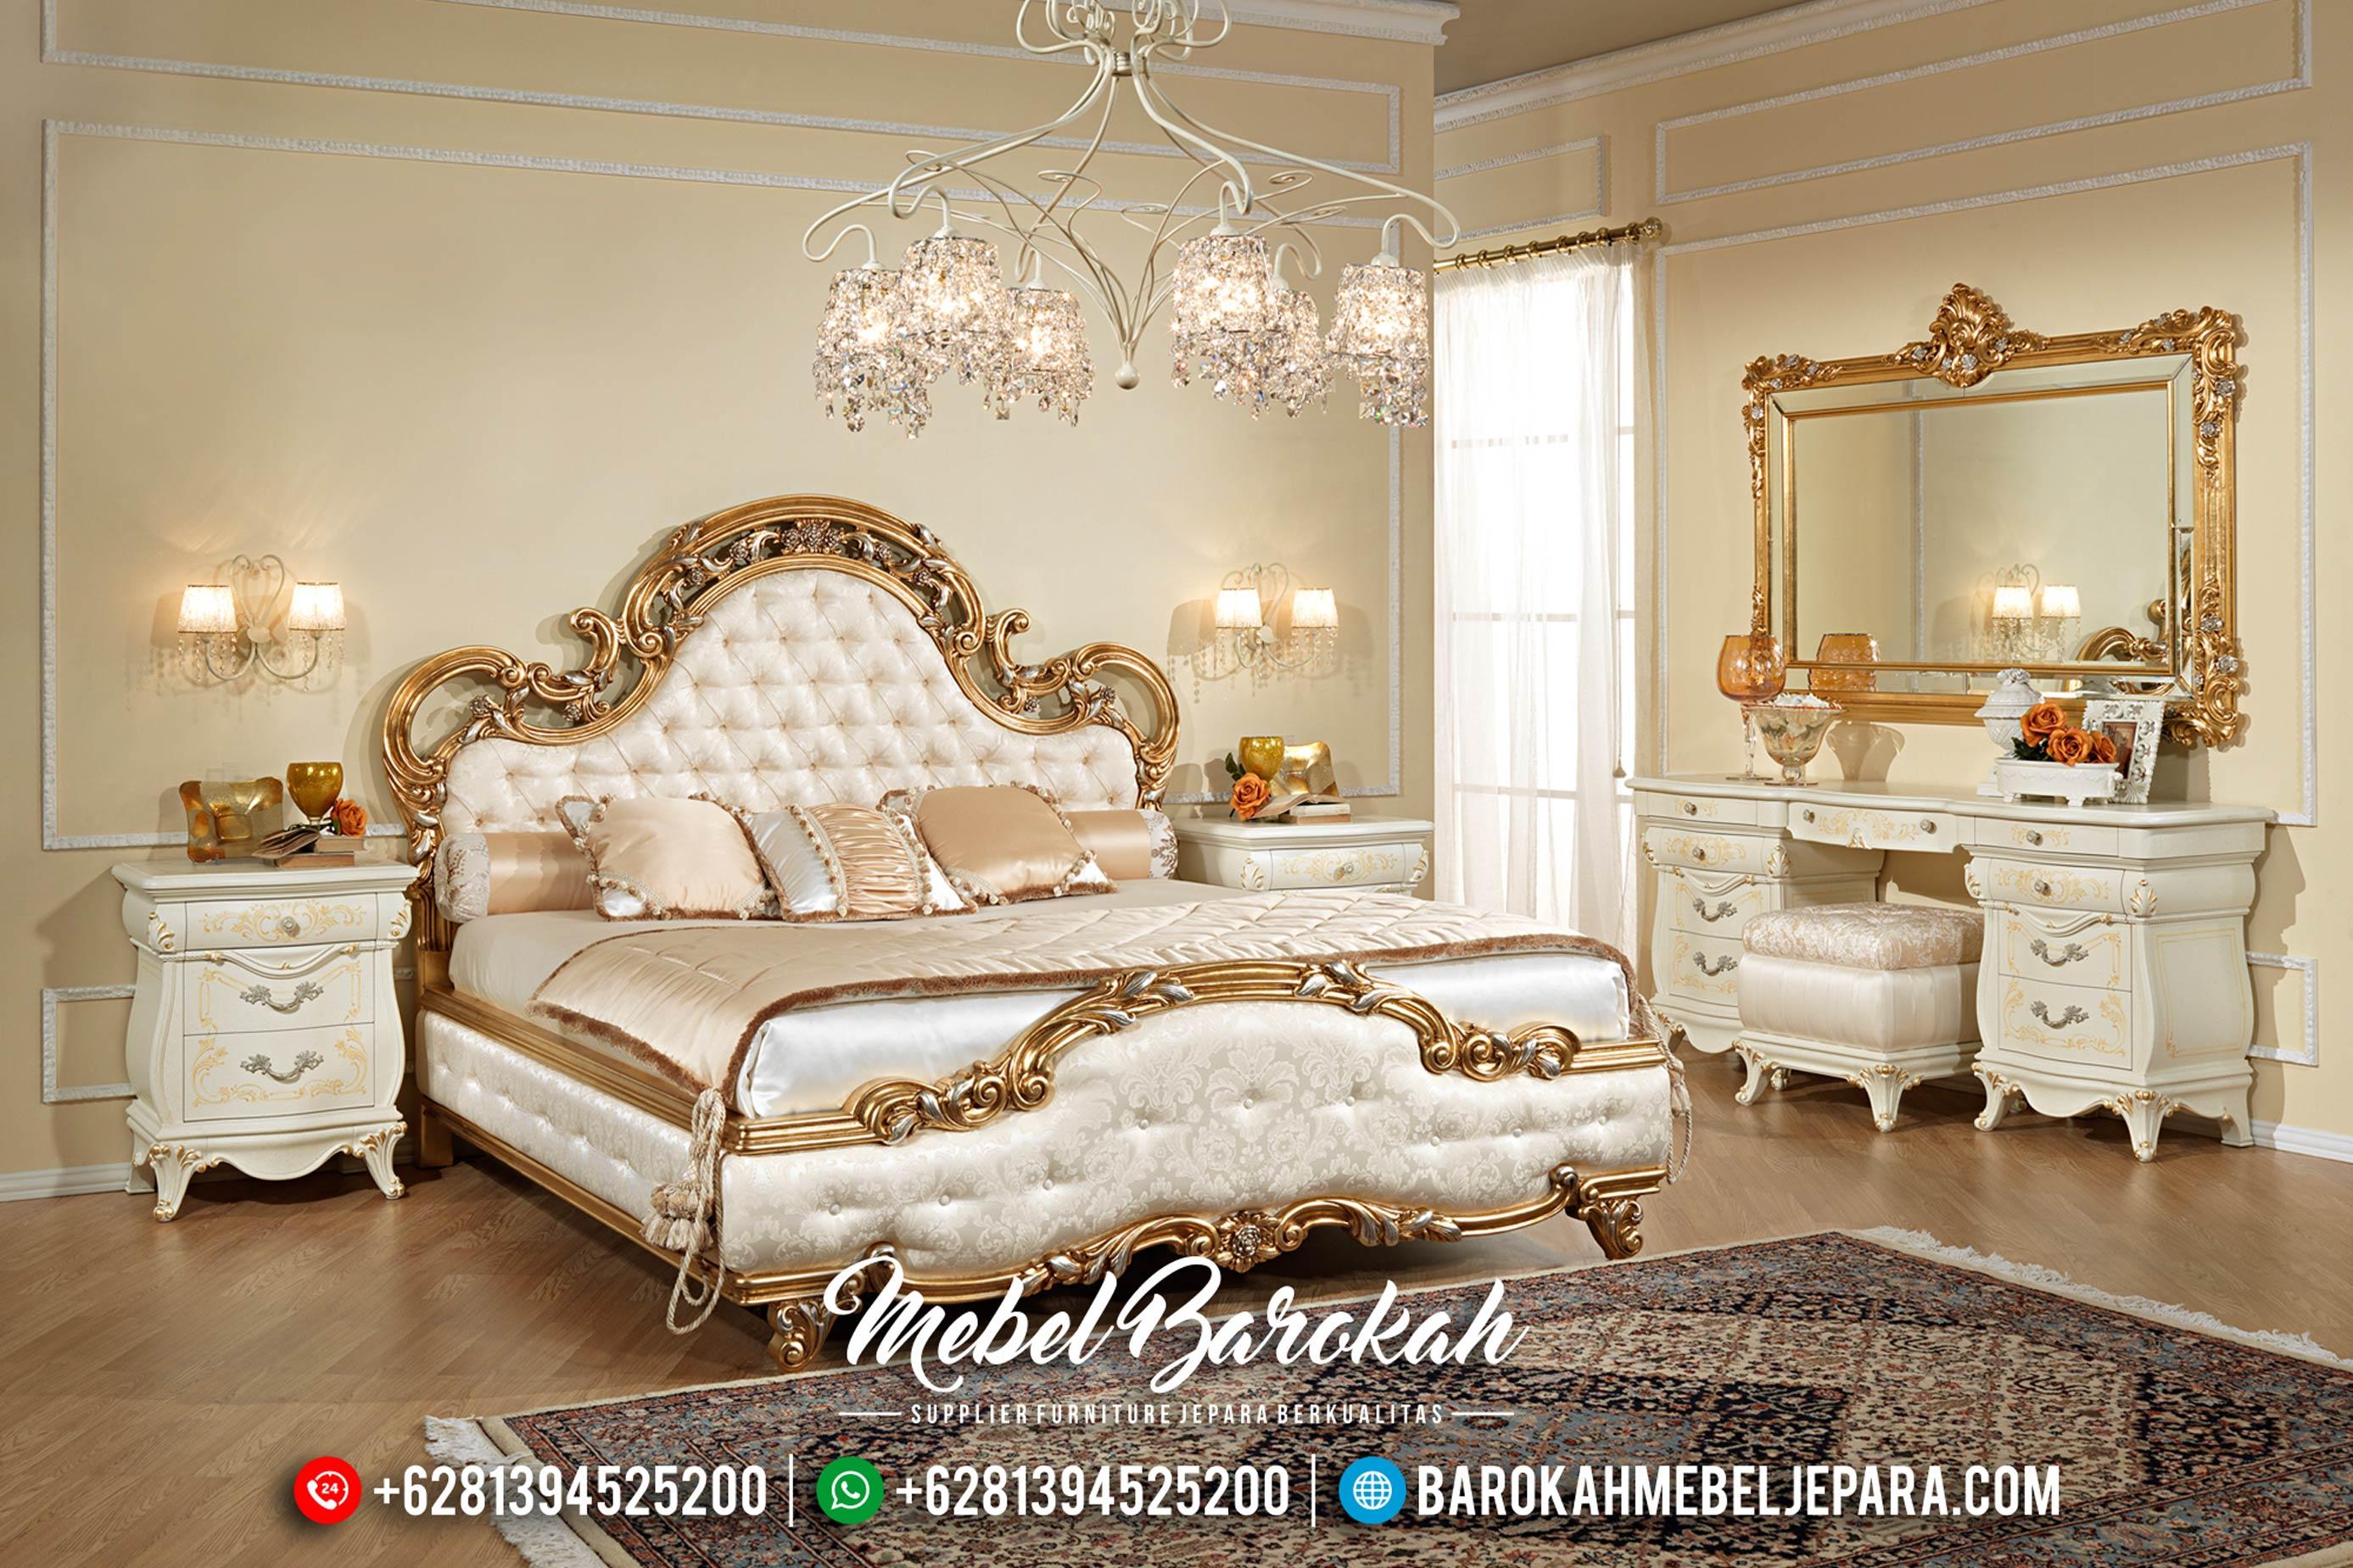 Furniture Ukiran Klasik Tempat Tidur Mewah Jepara Gold Duco MB-0175